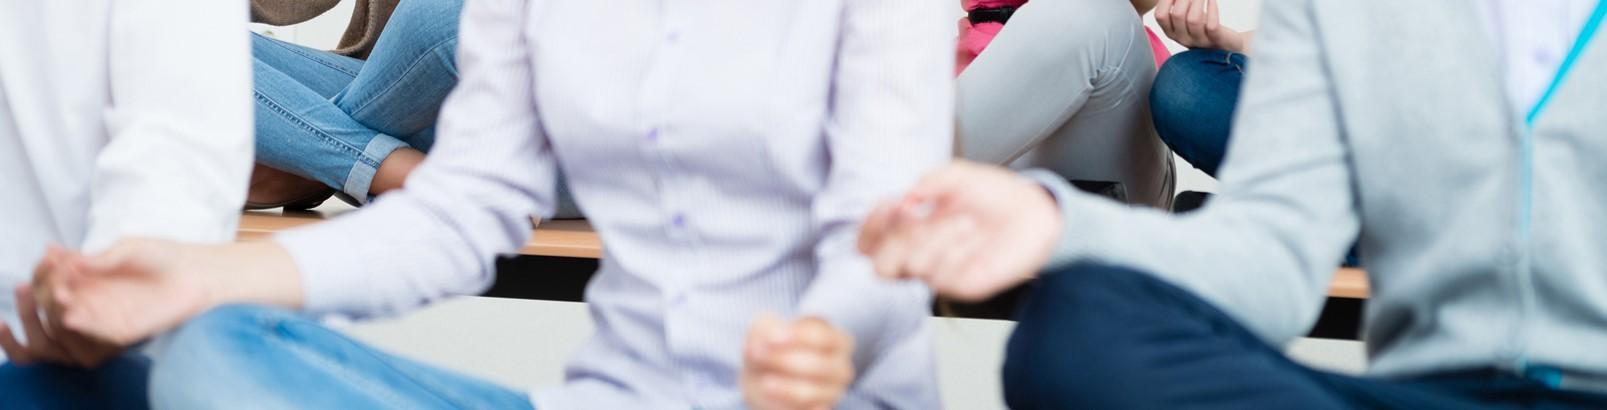 社員のレジリエンスを高める企業研修、マインドフルネス講習のページです。